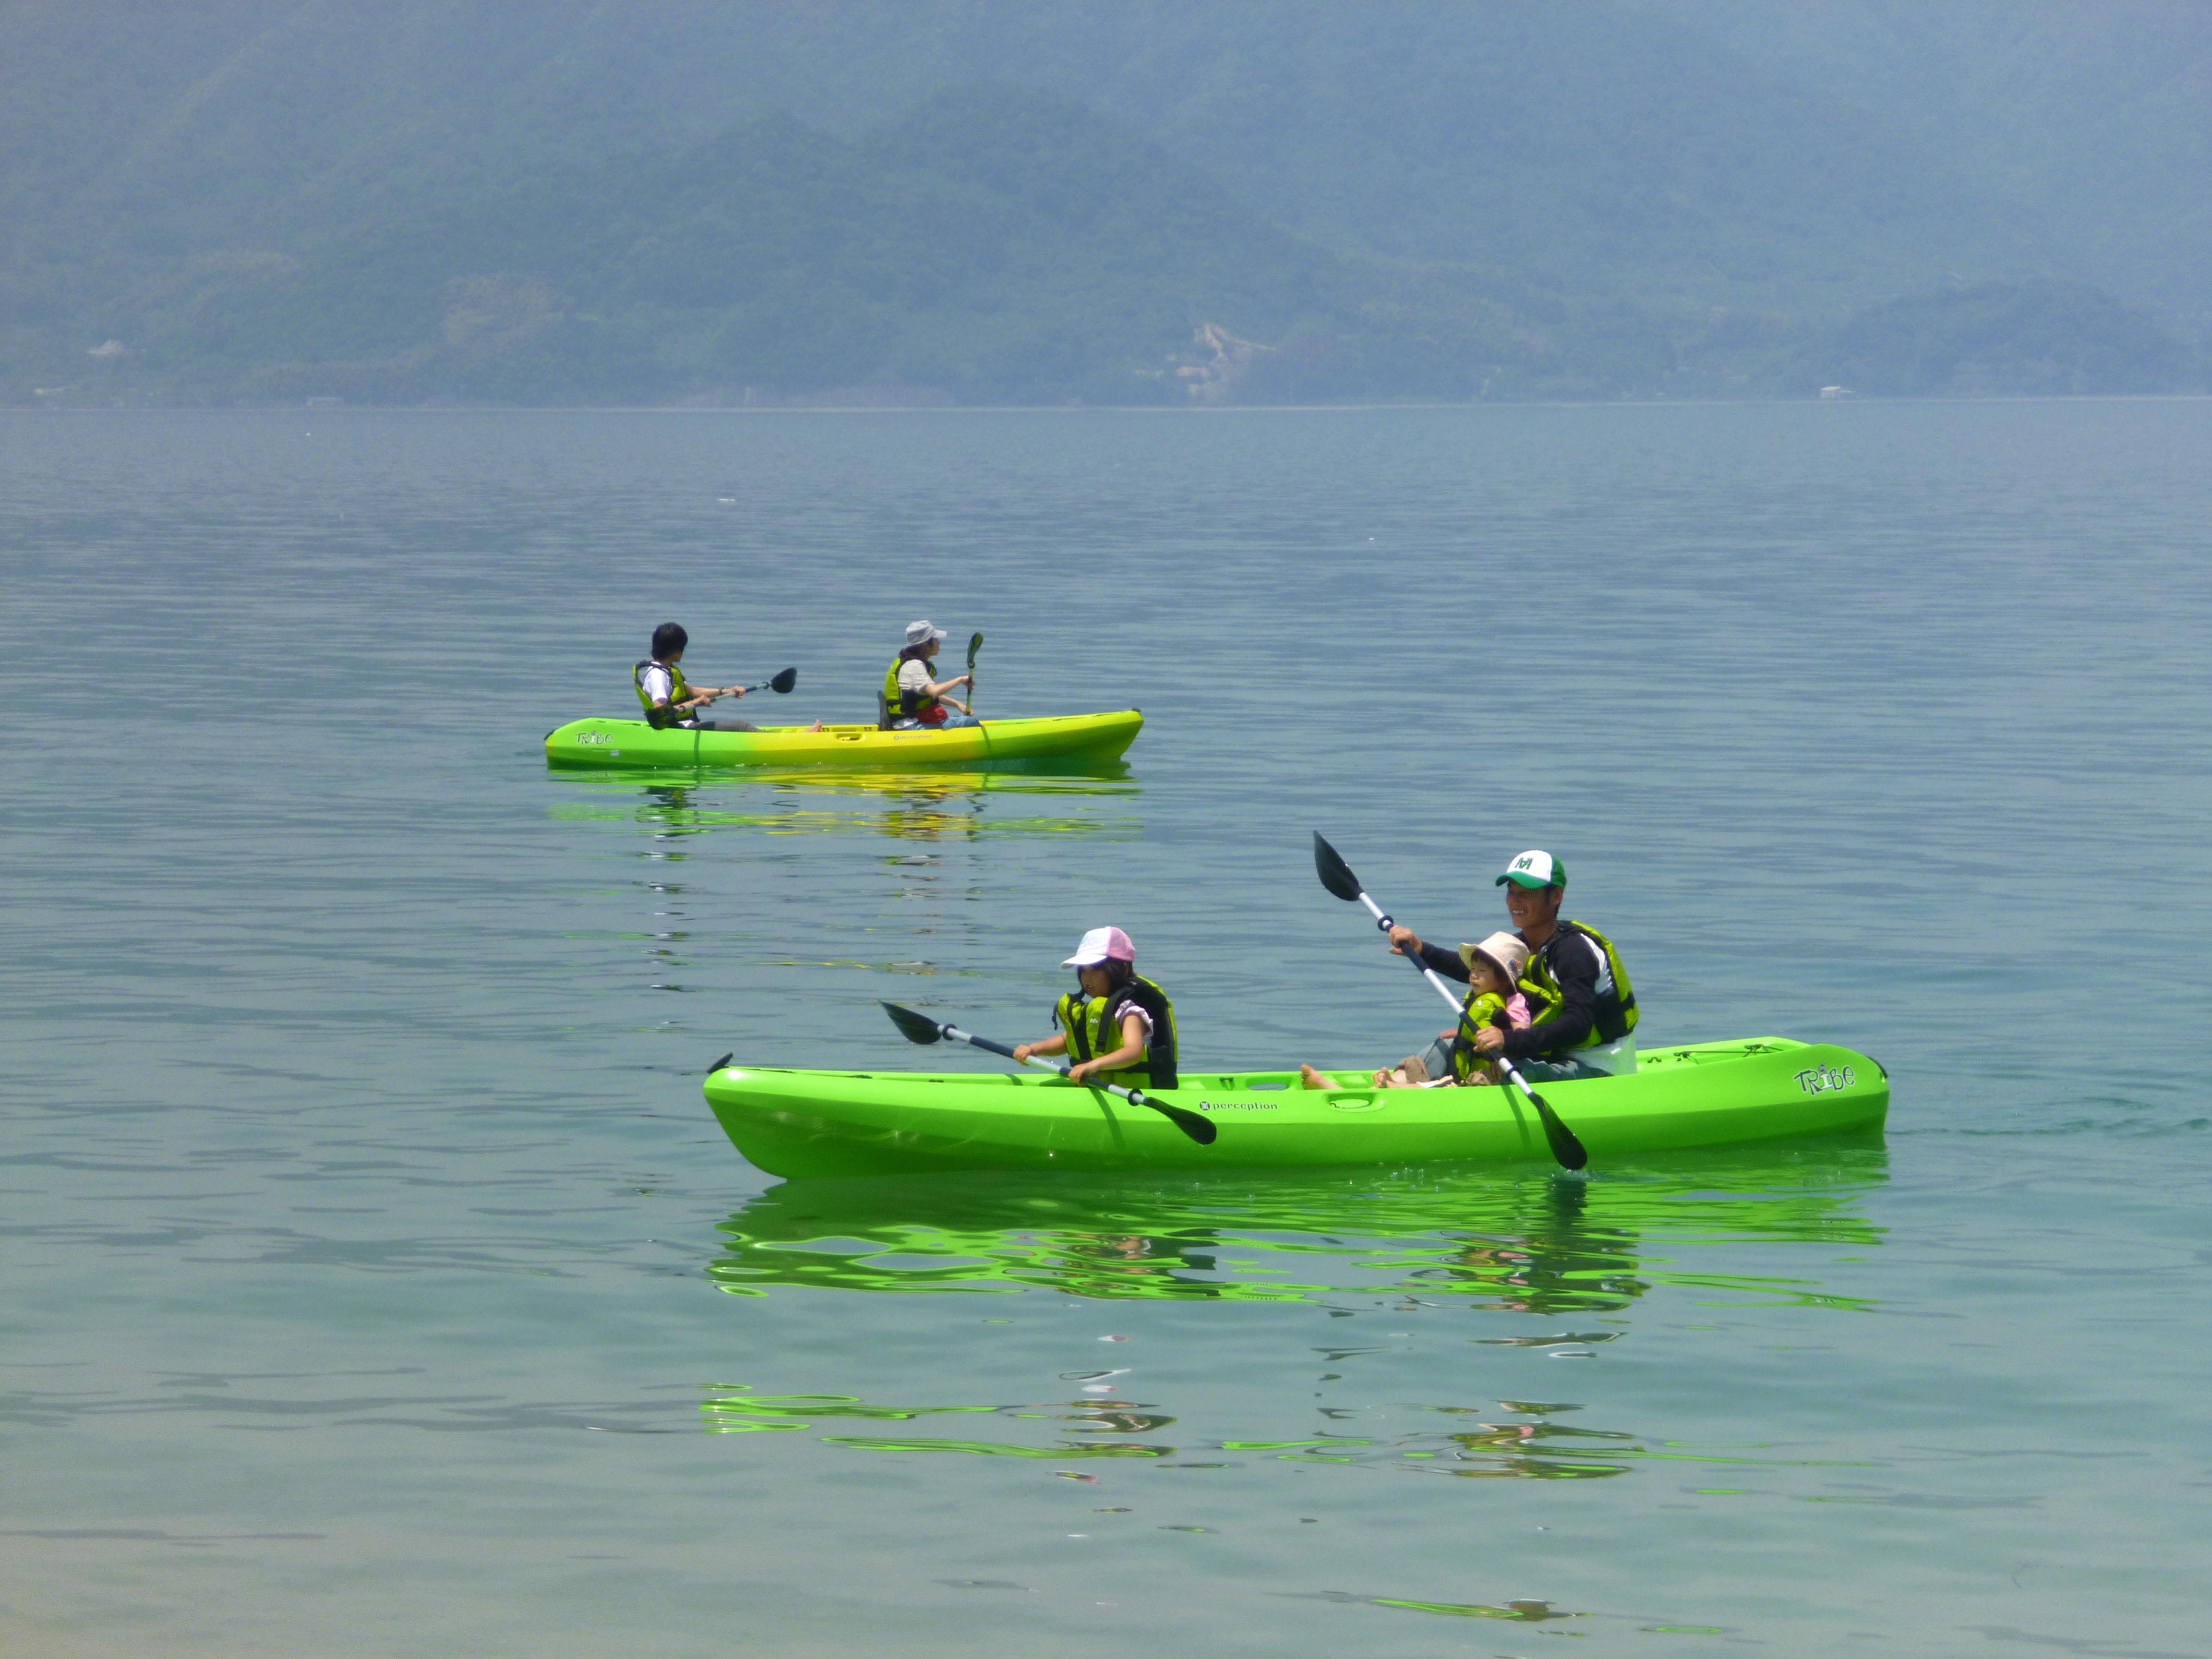 瀬戸内の穏やかな海でシーカヤック体験